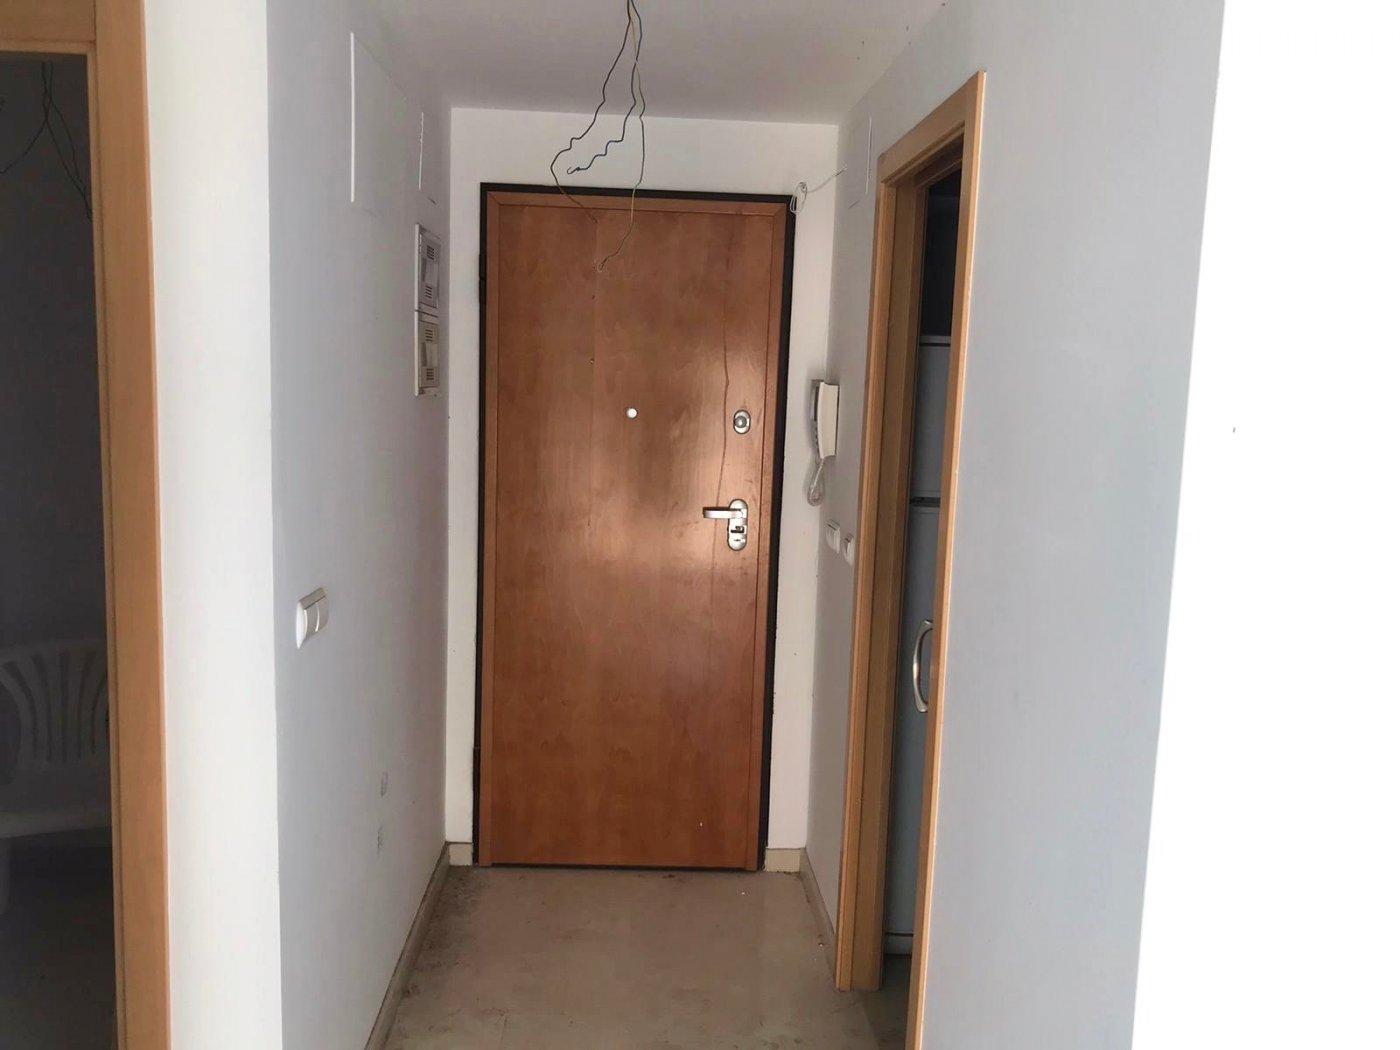 Apartamento en playa de gandia con piscina comunitaria y garaje incluido - imagenInmueble27